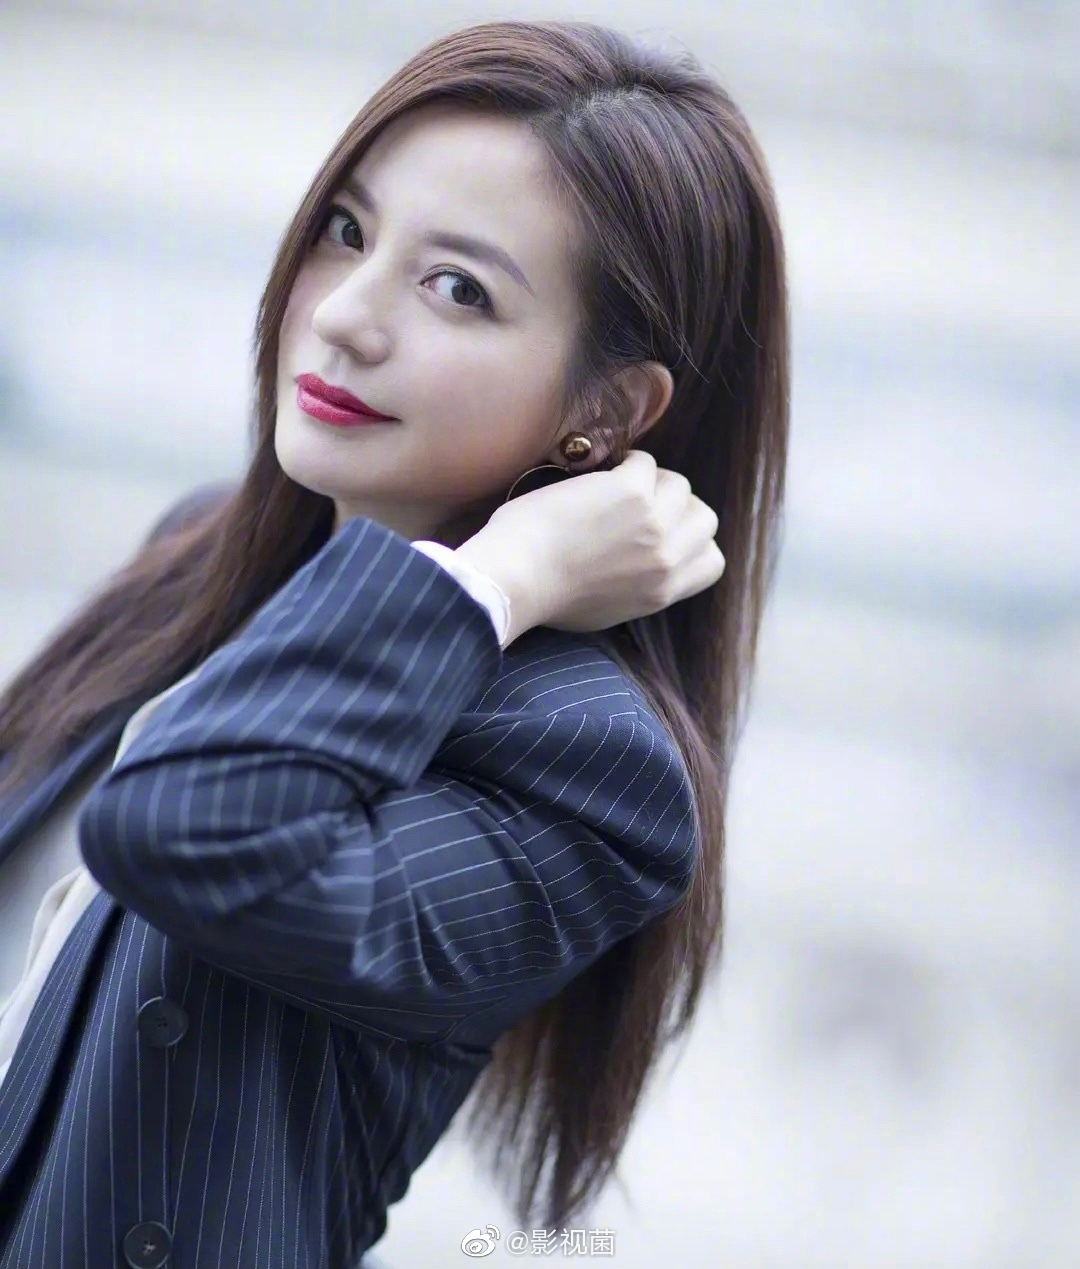 赵薇、秦昊、王鸥、刘敏涛、杨玏 主演的电视剧《学区房》将于1